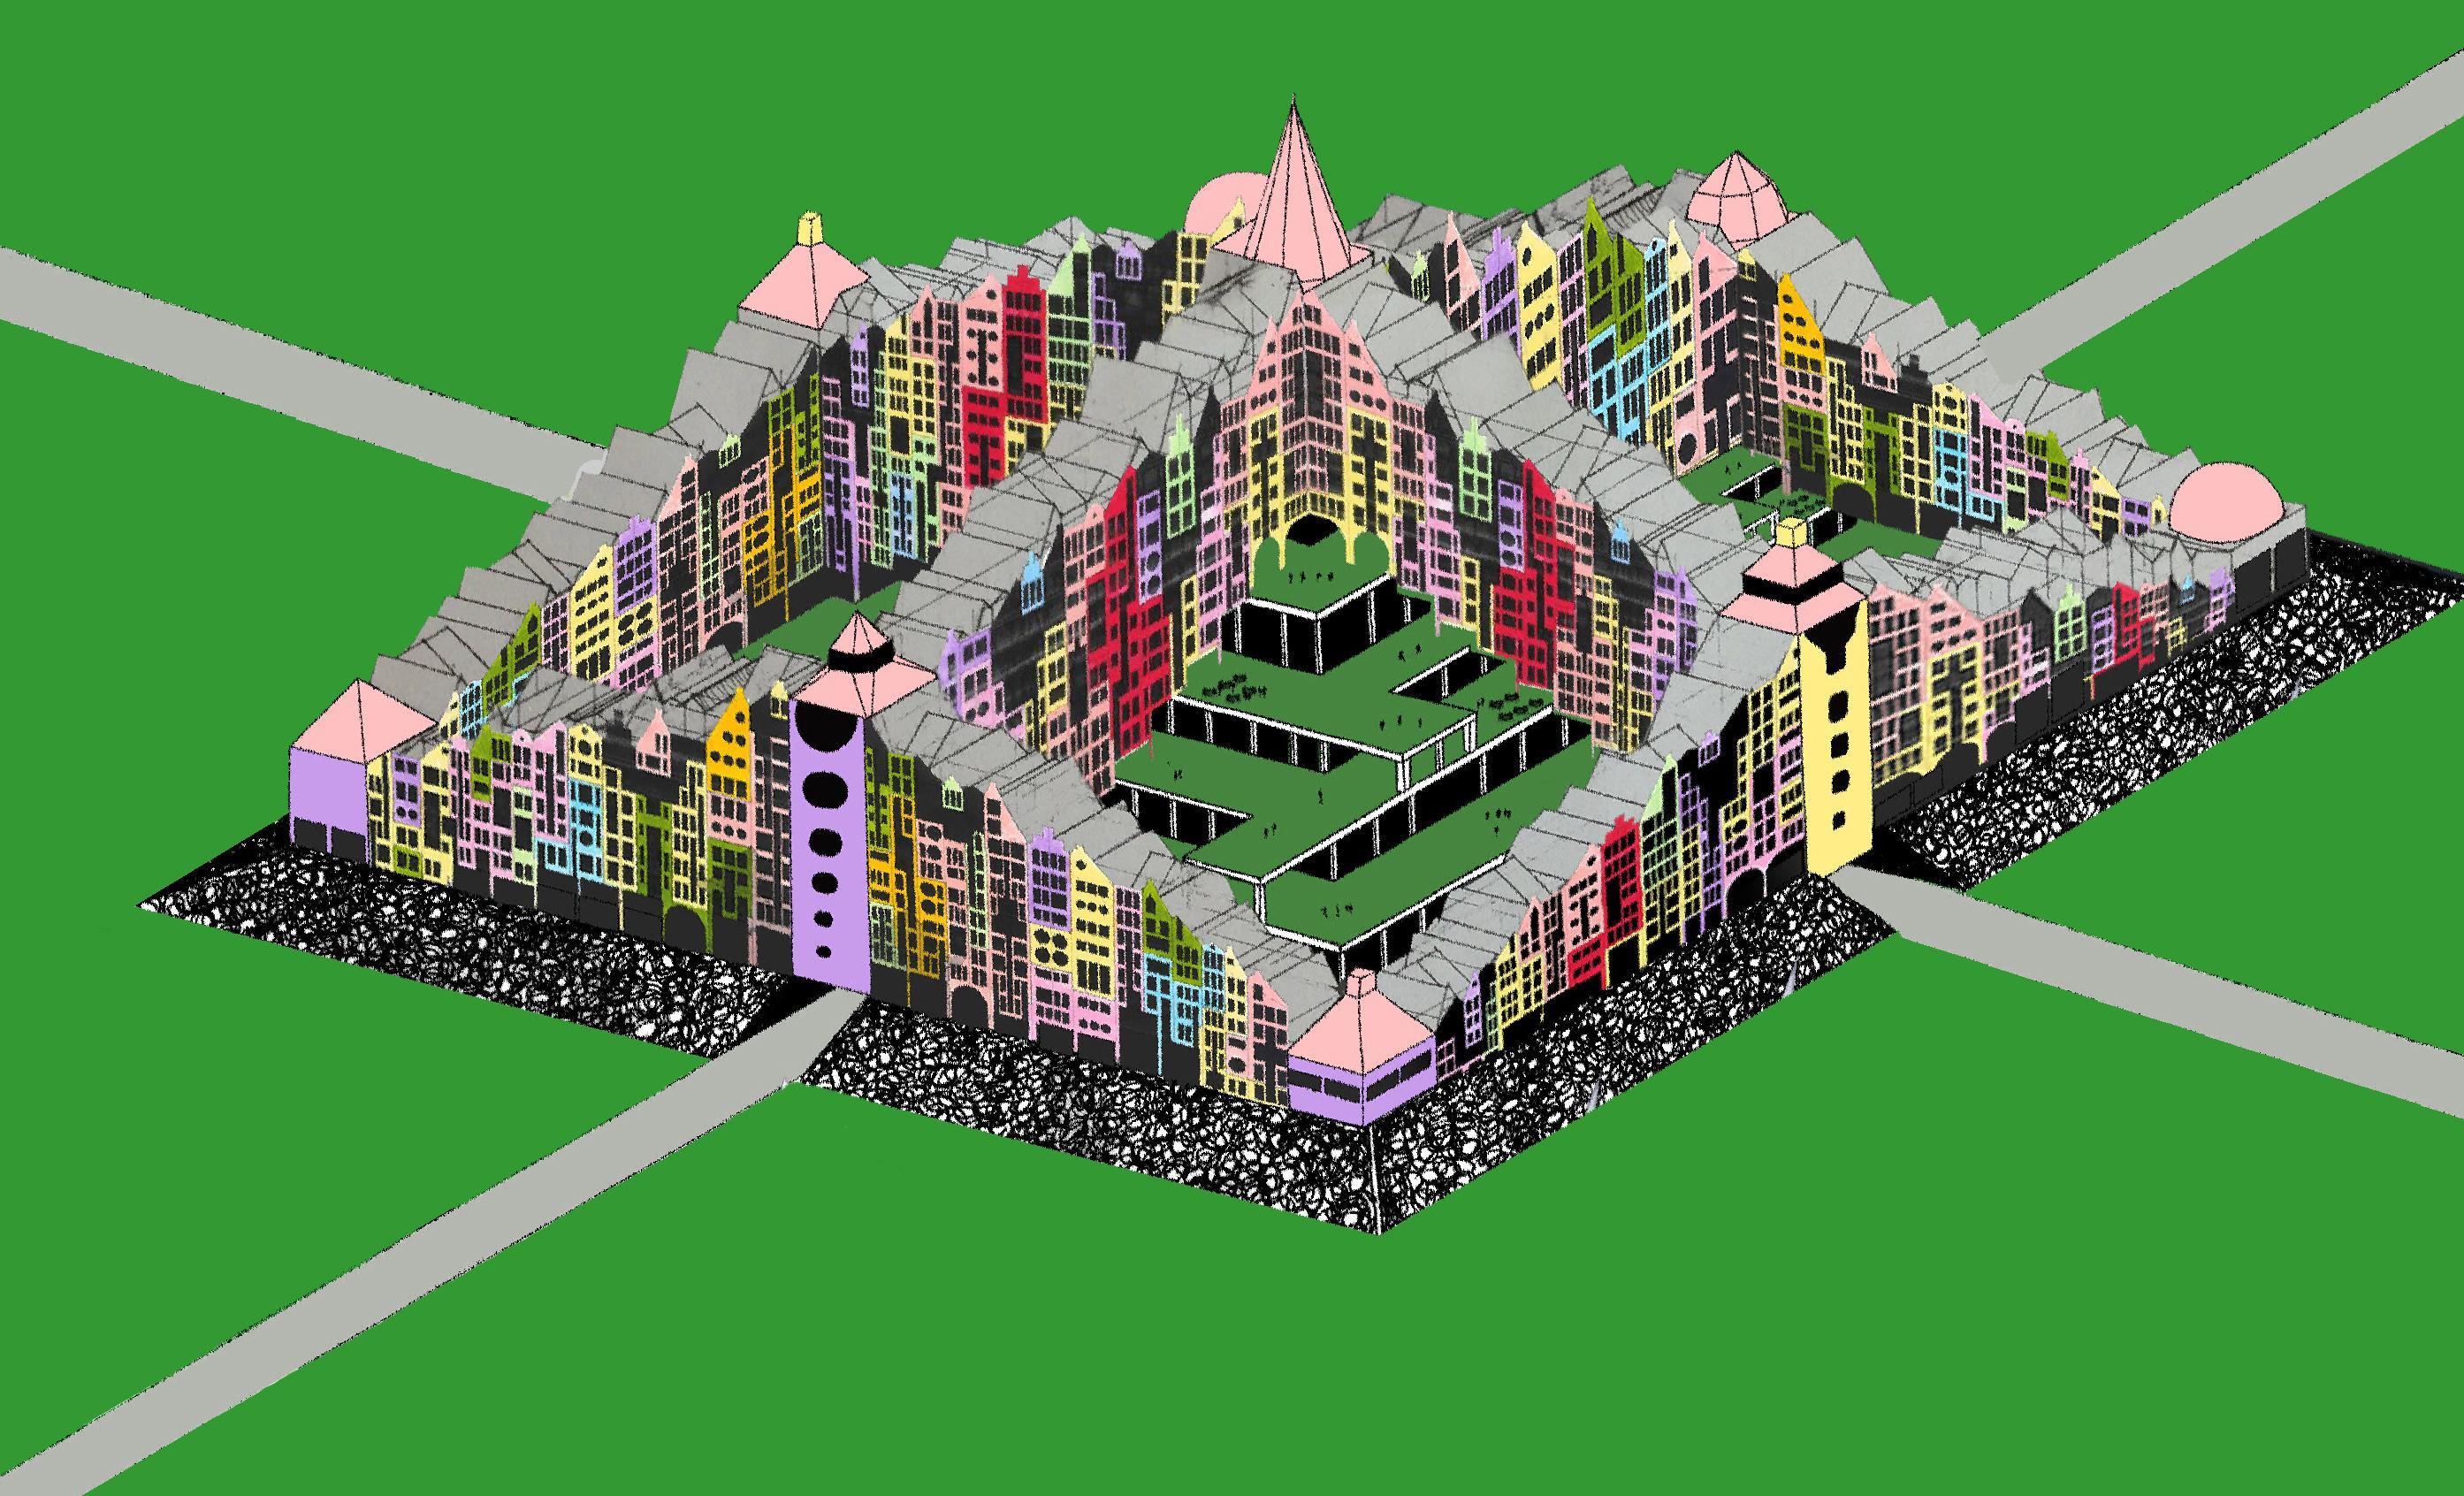 Wisselende reacties op plan voor piramidestad met 1600 woningen in Heerhugowaard. 'Na Stad van de Zon weer onze nek uitsteken'